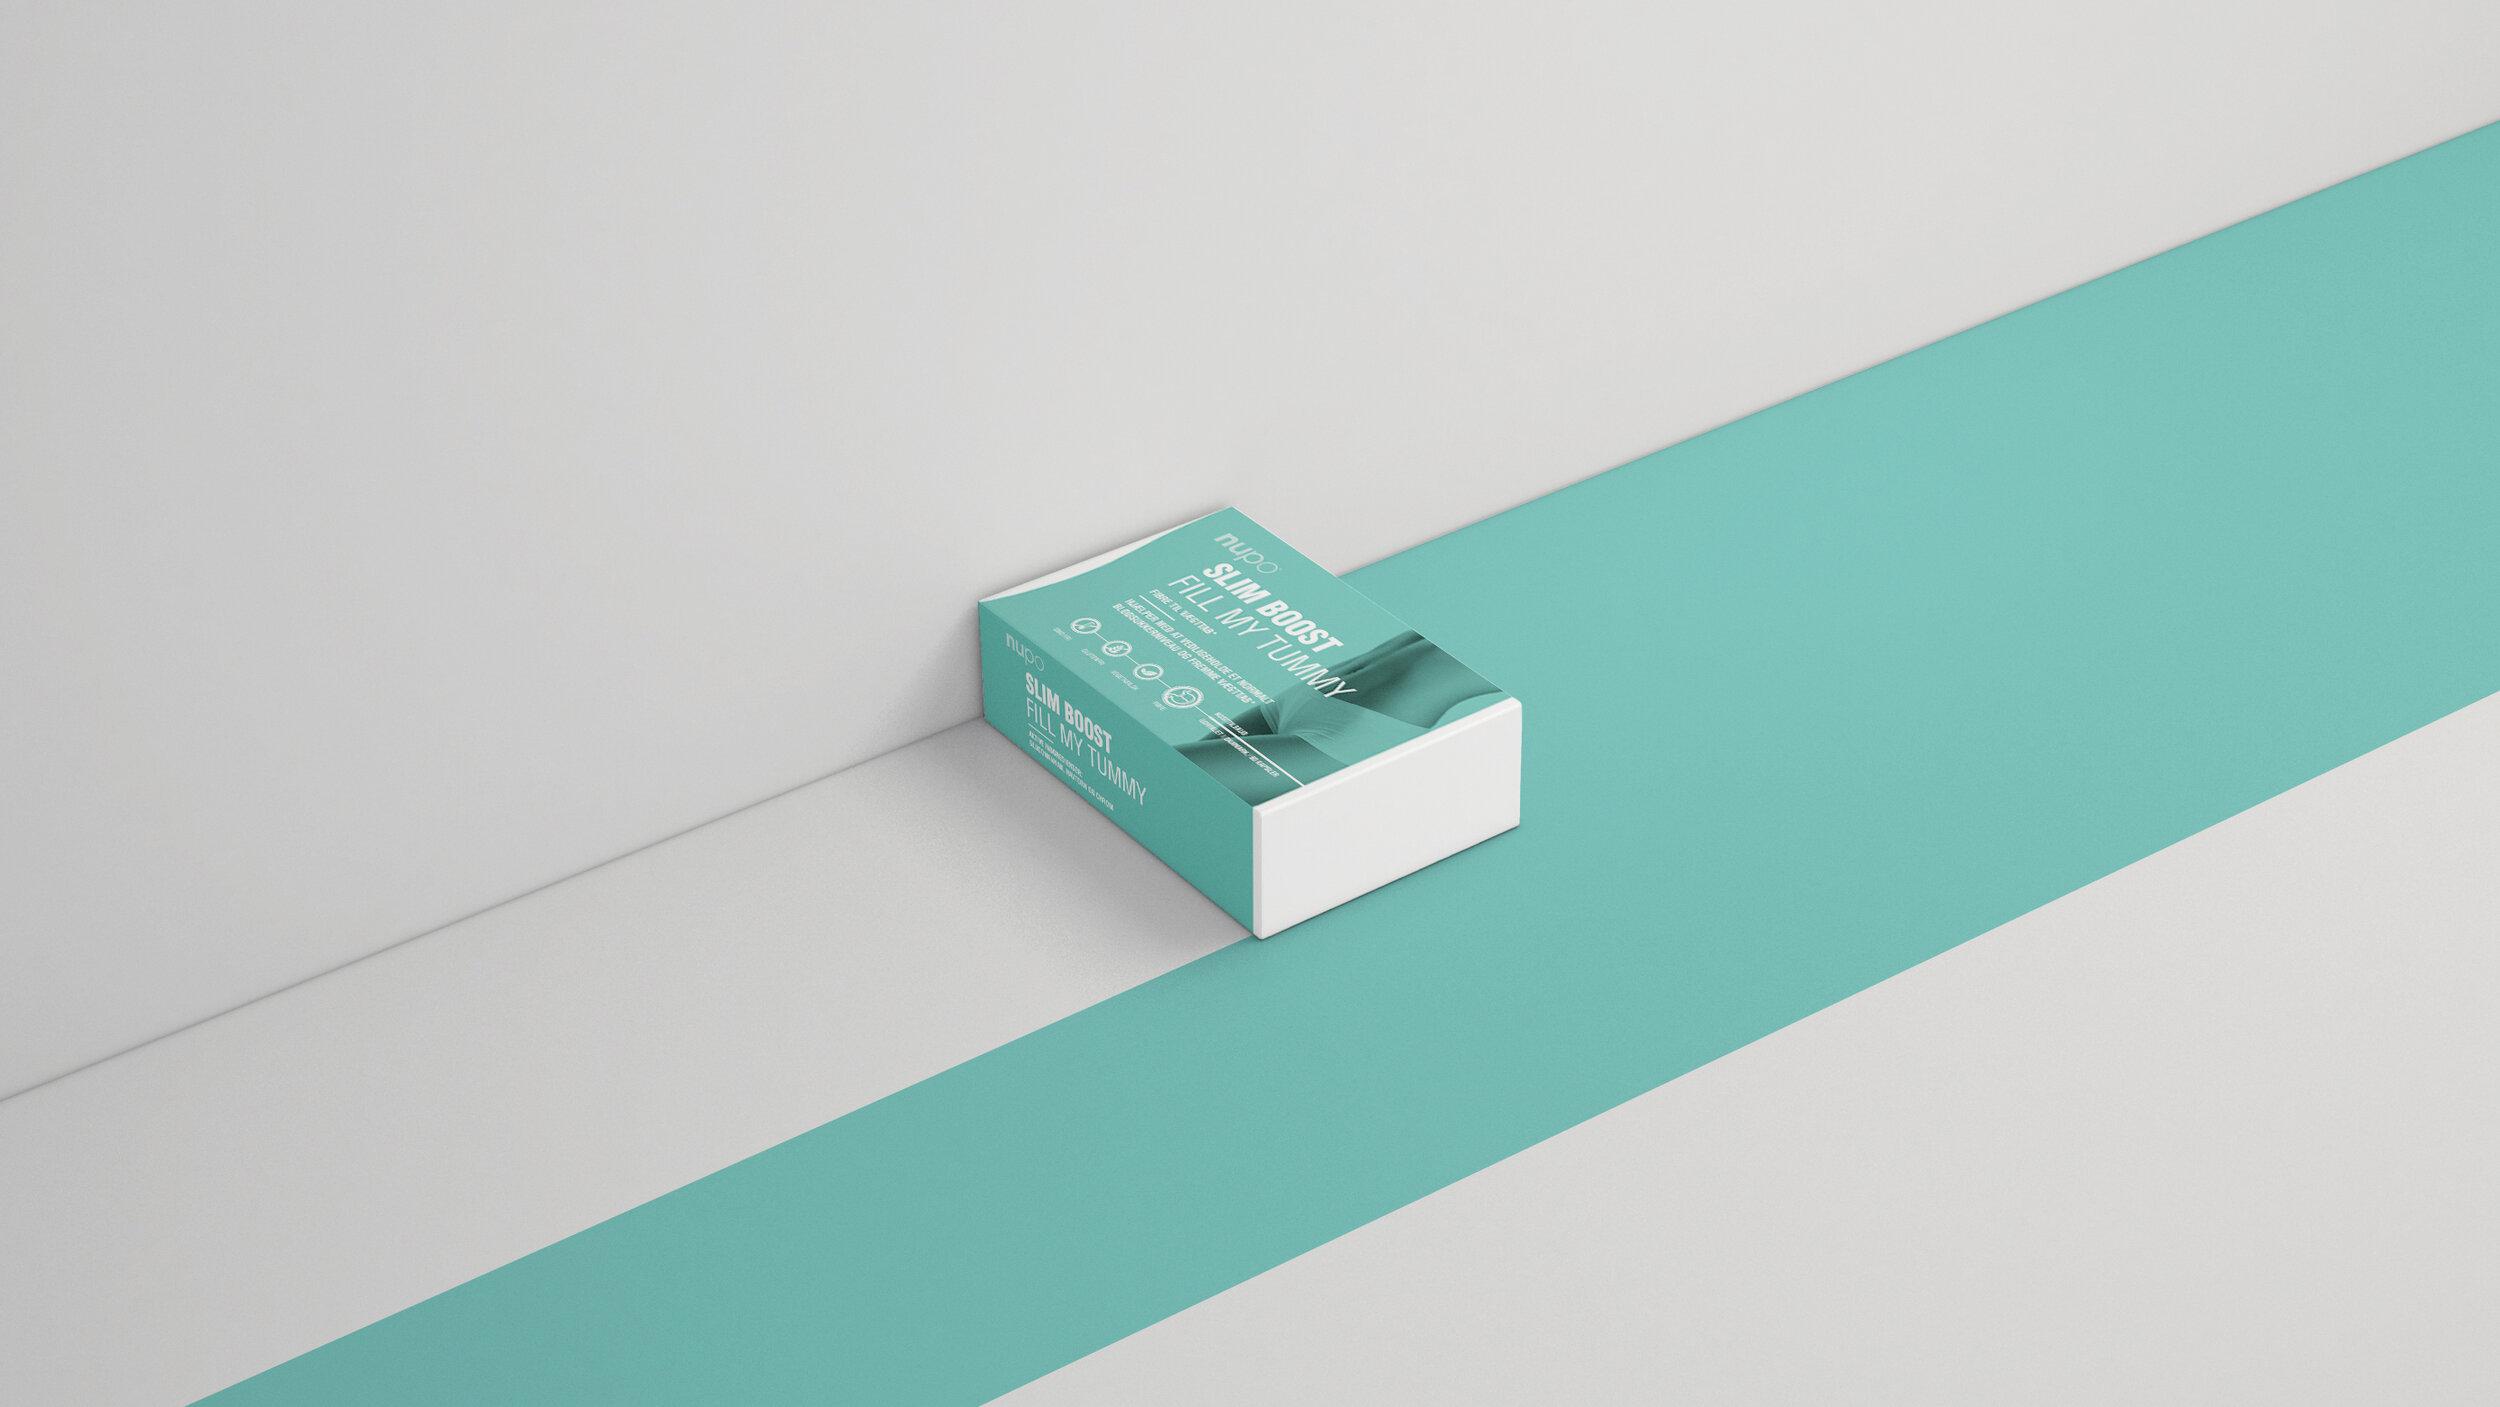 Nupo_Packshot_04_everland_design.jpg